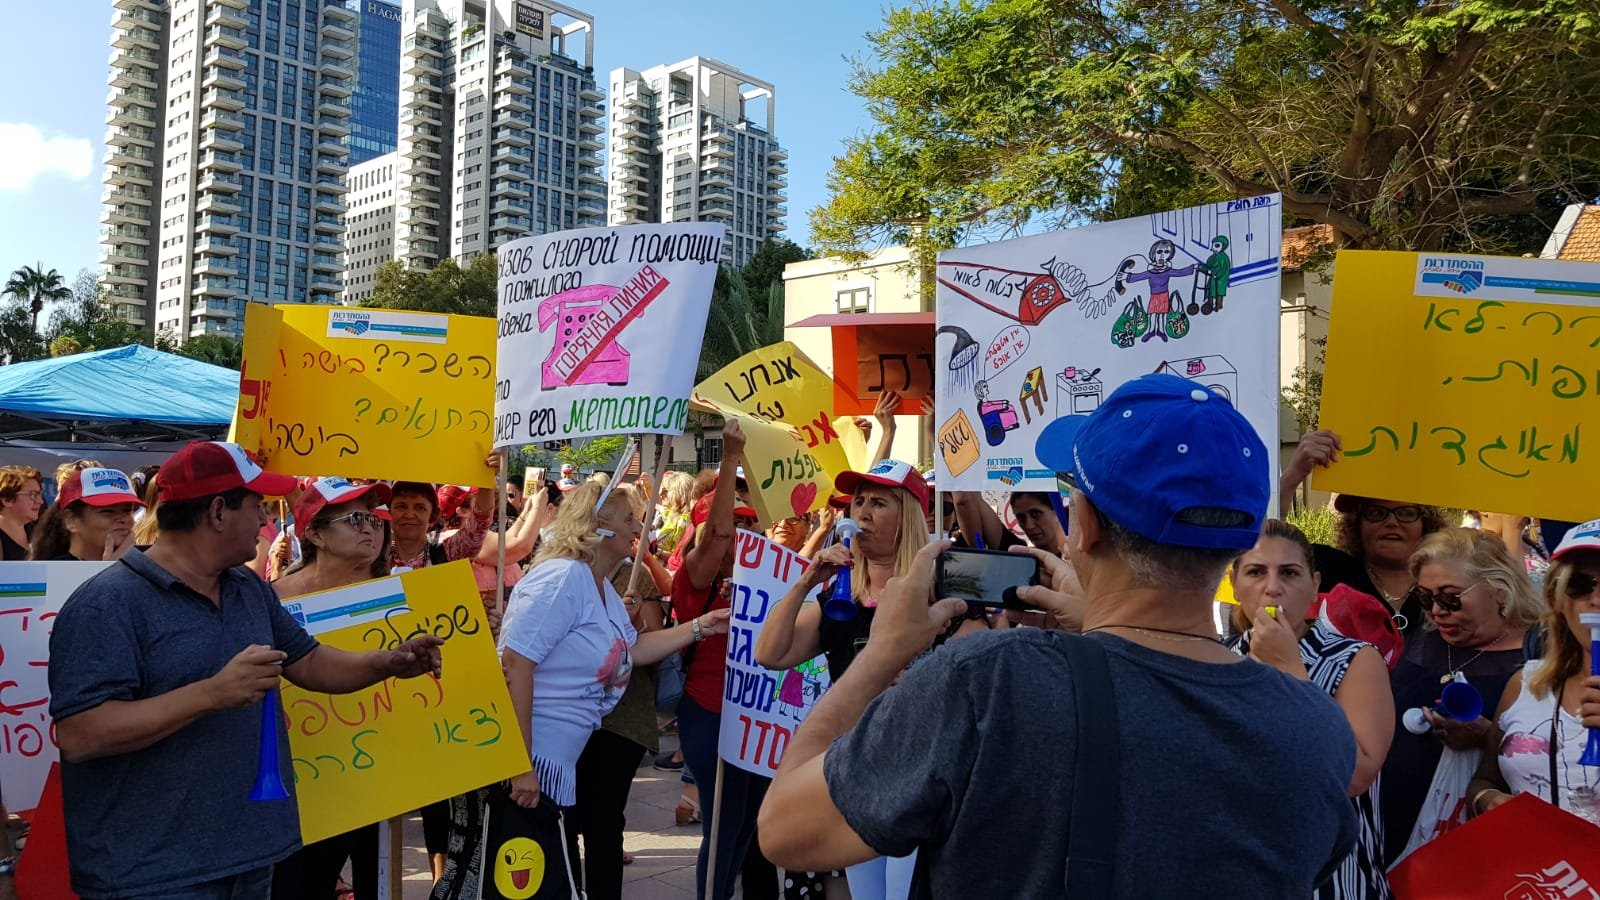 مساعدات الرعاية الطبية يتظاهرن في تل أبيب لتحسين ظروف عملهن